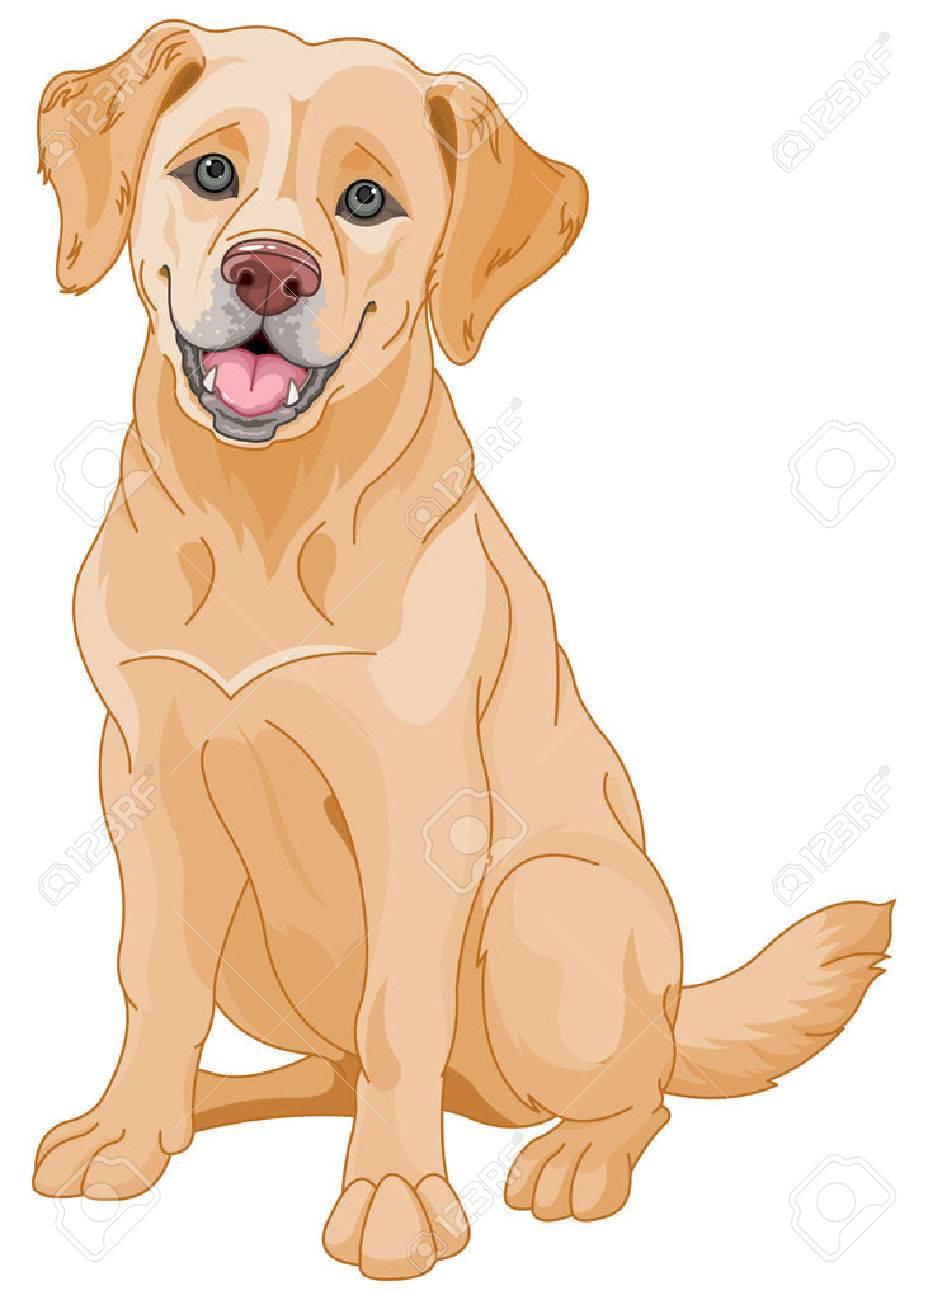 hight resolution of illustration of cute golden retriever dog stock vector 46230245